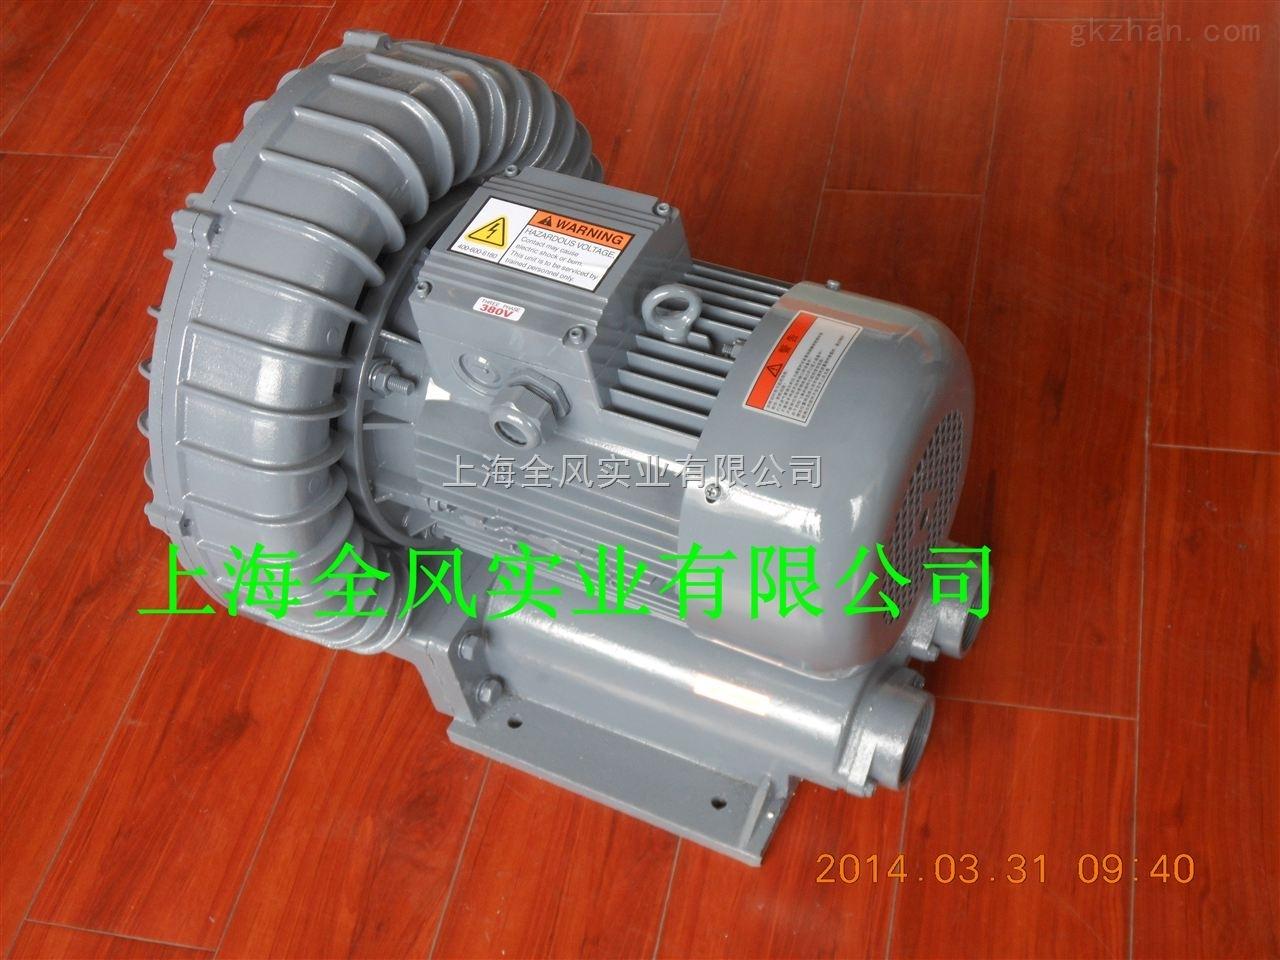 2.2KW吸真空风机-强力真空吸附专用高压鼓风机